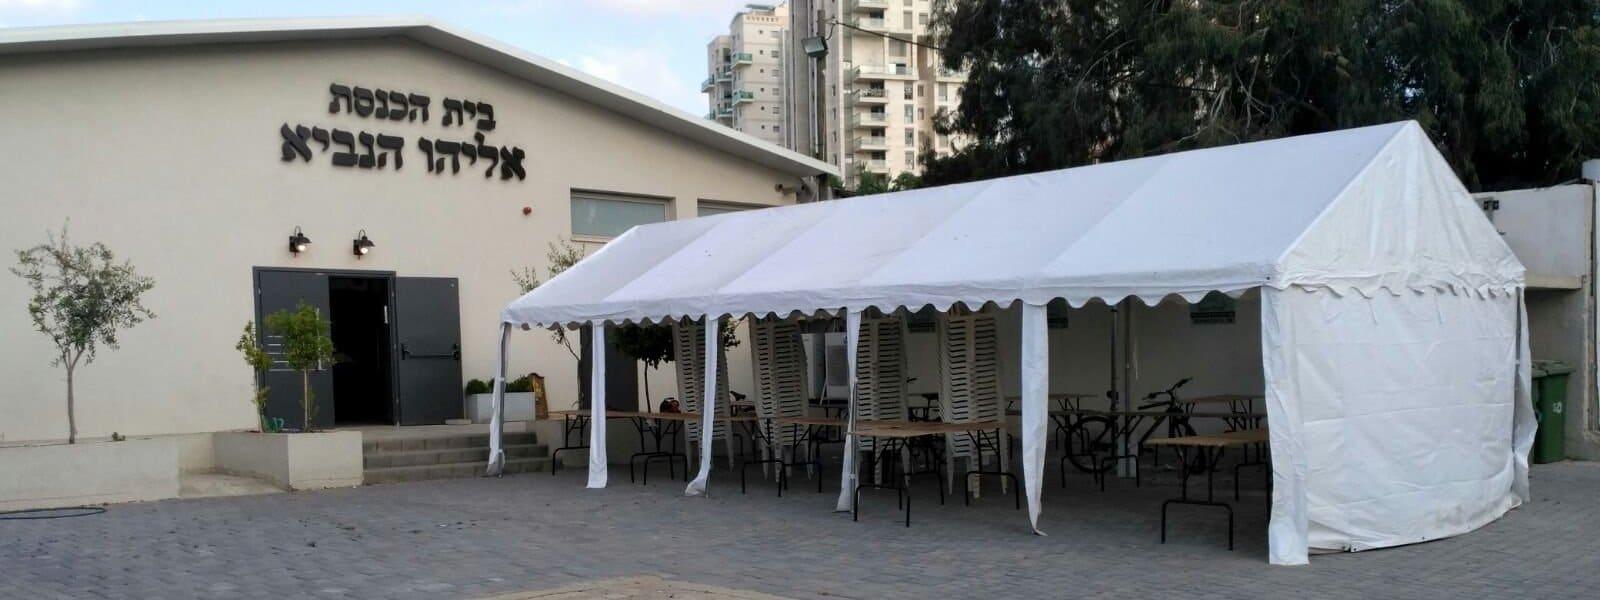 אוהלי אבלים במחירים זולים